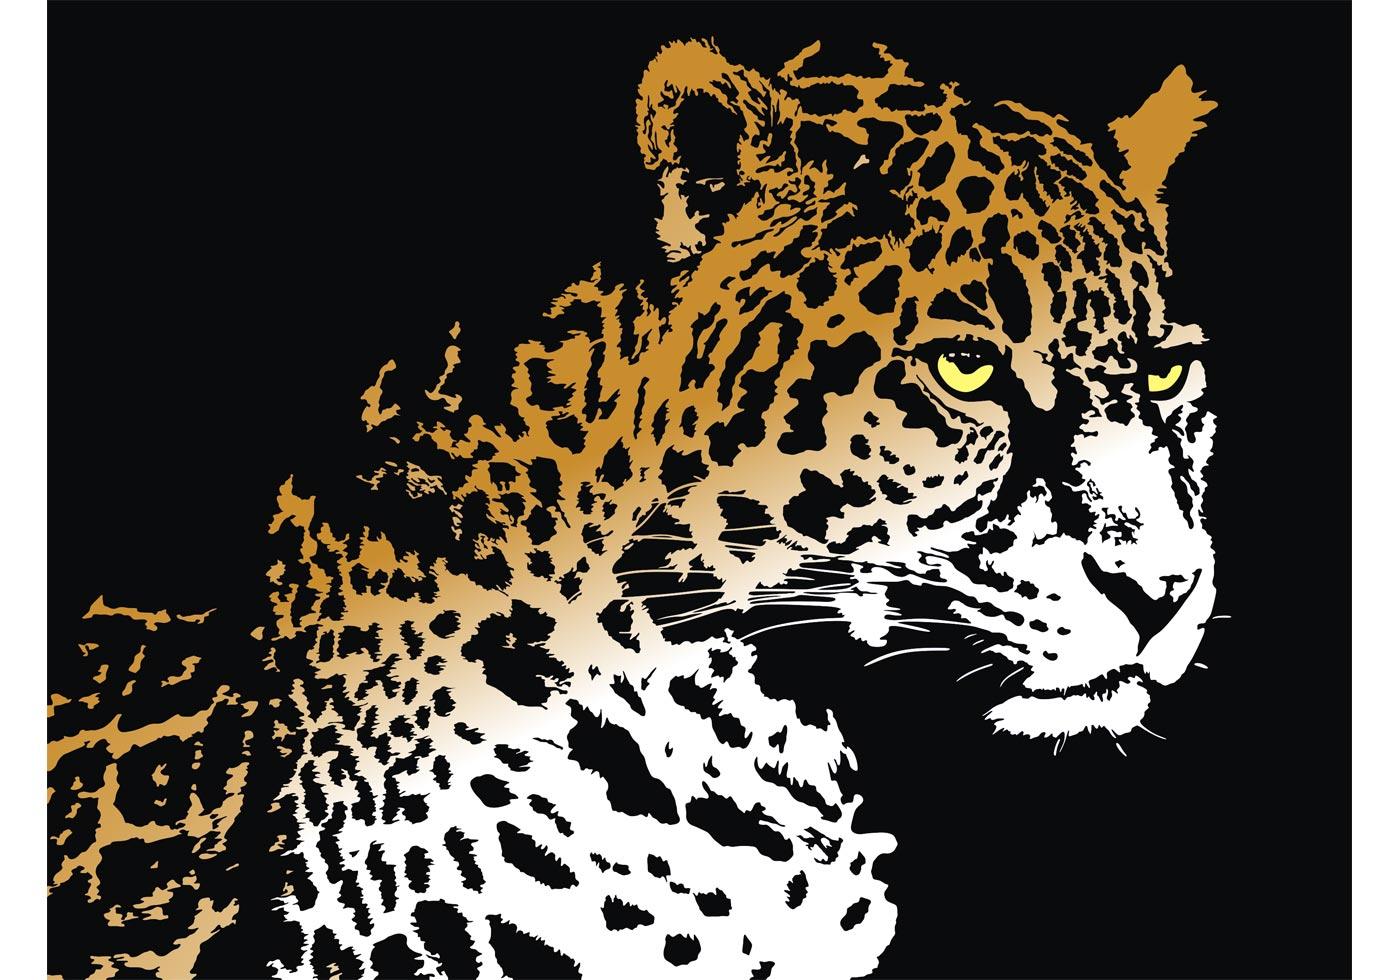 Jaguar Predator Black Animal Muzzle Art Wallpaper: Download Free Vector Art, Stock Graphics